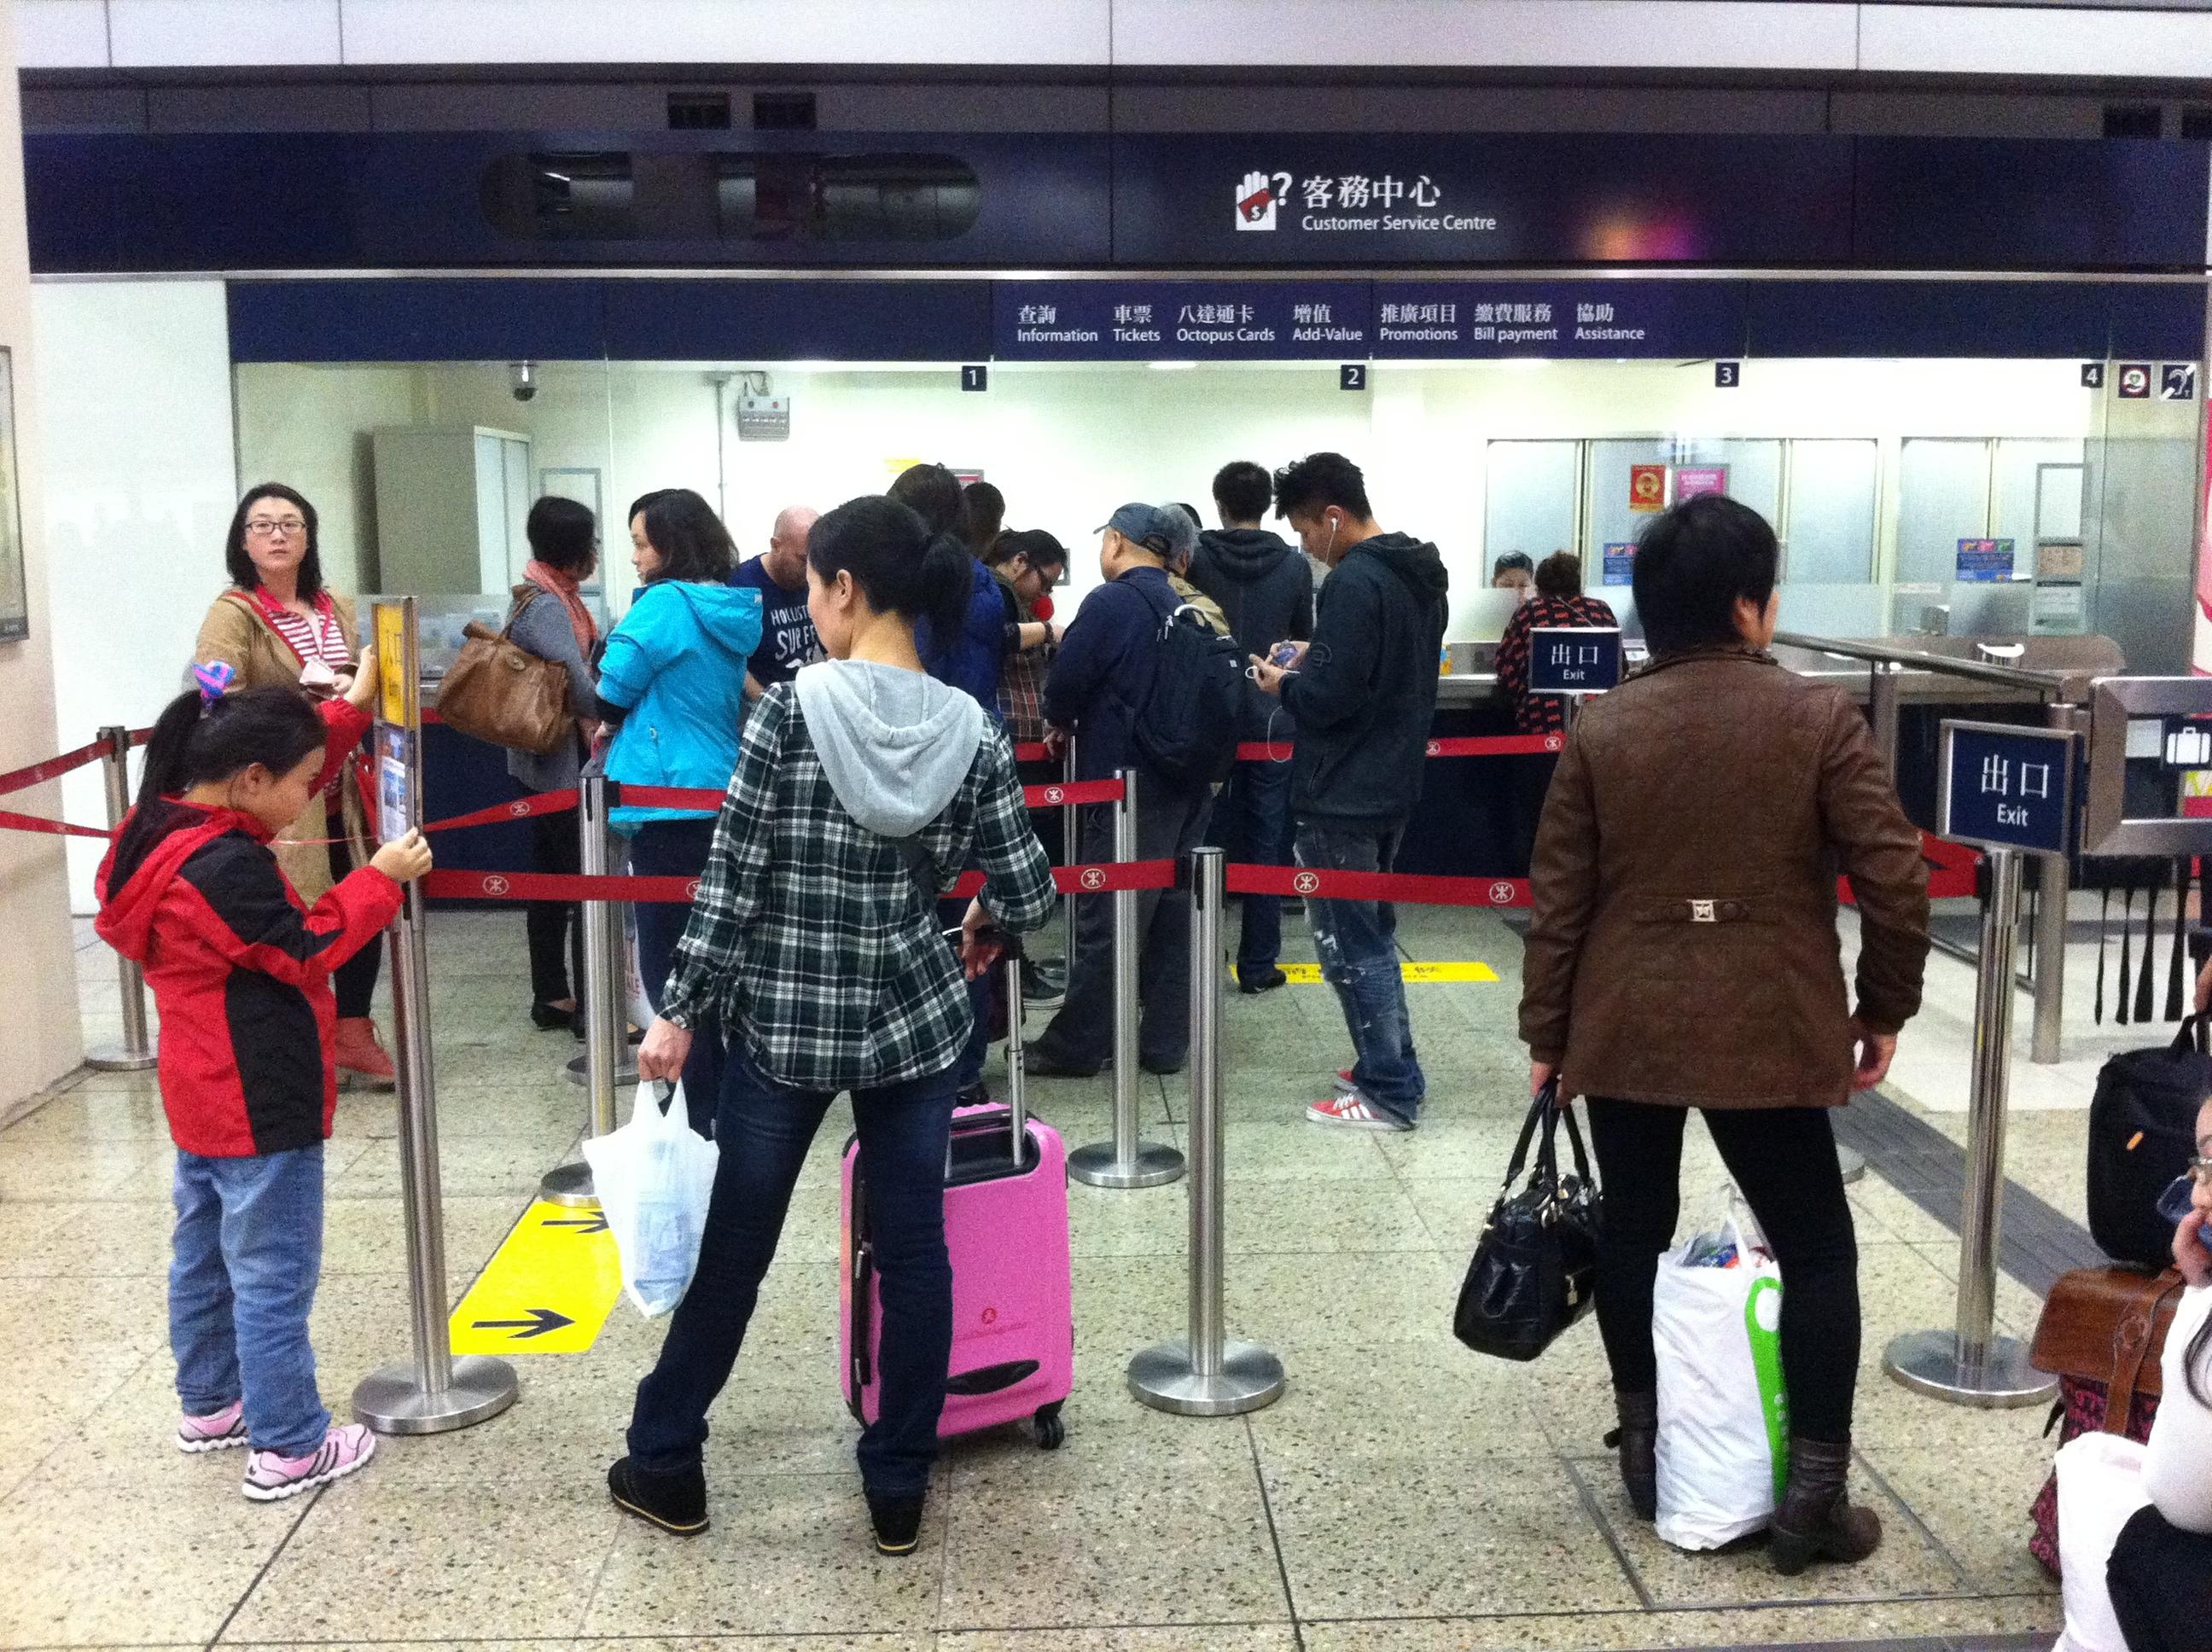 MTR suitcase